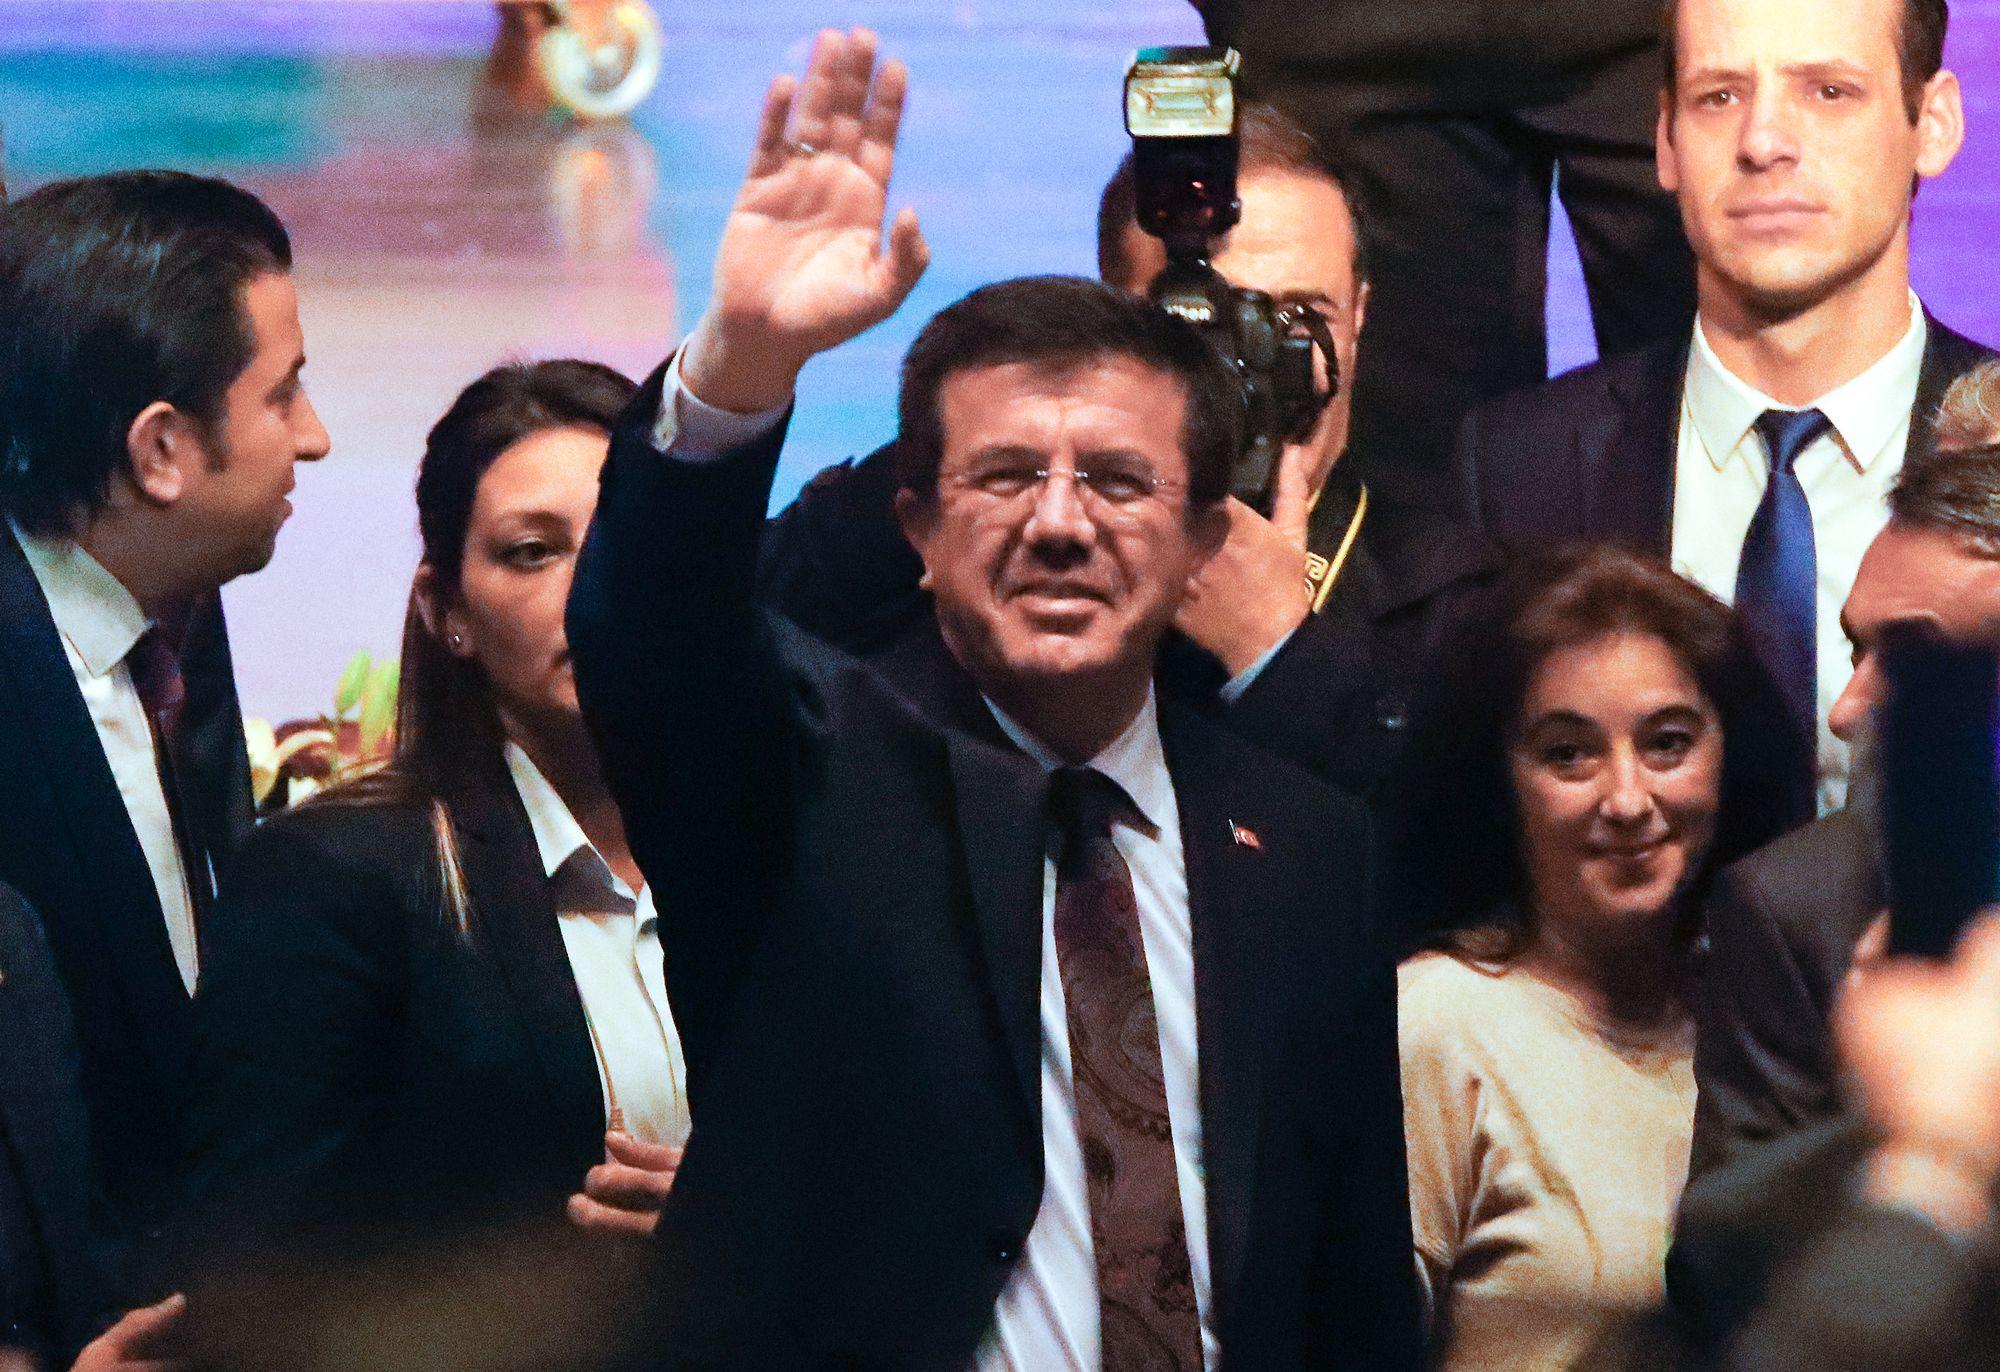 Autriche. Le ministre turc de l'Économie interdit de visite